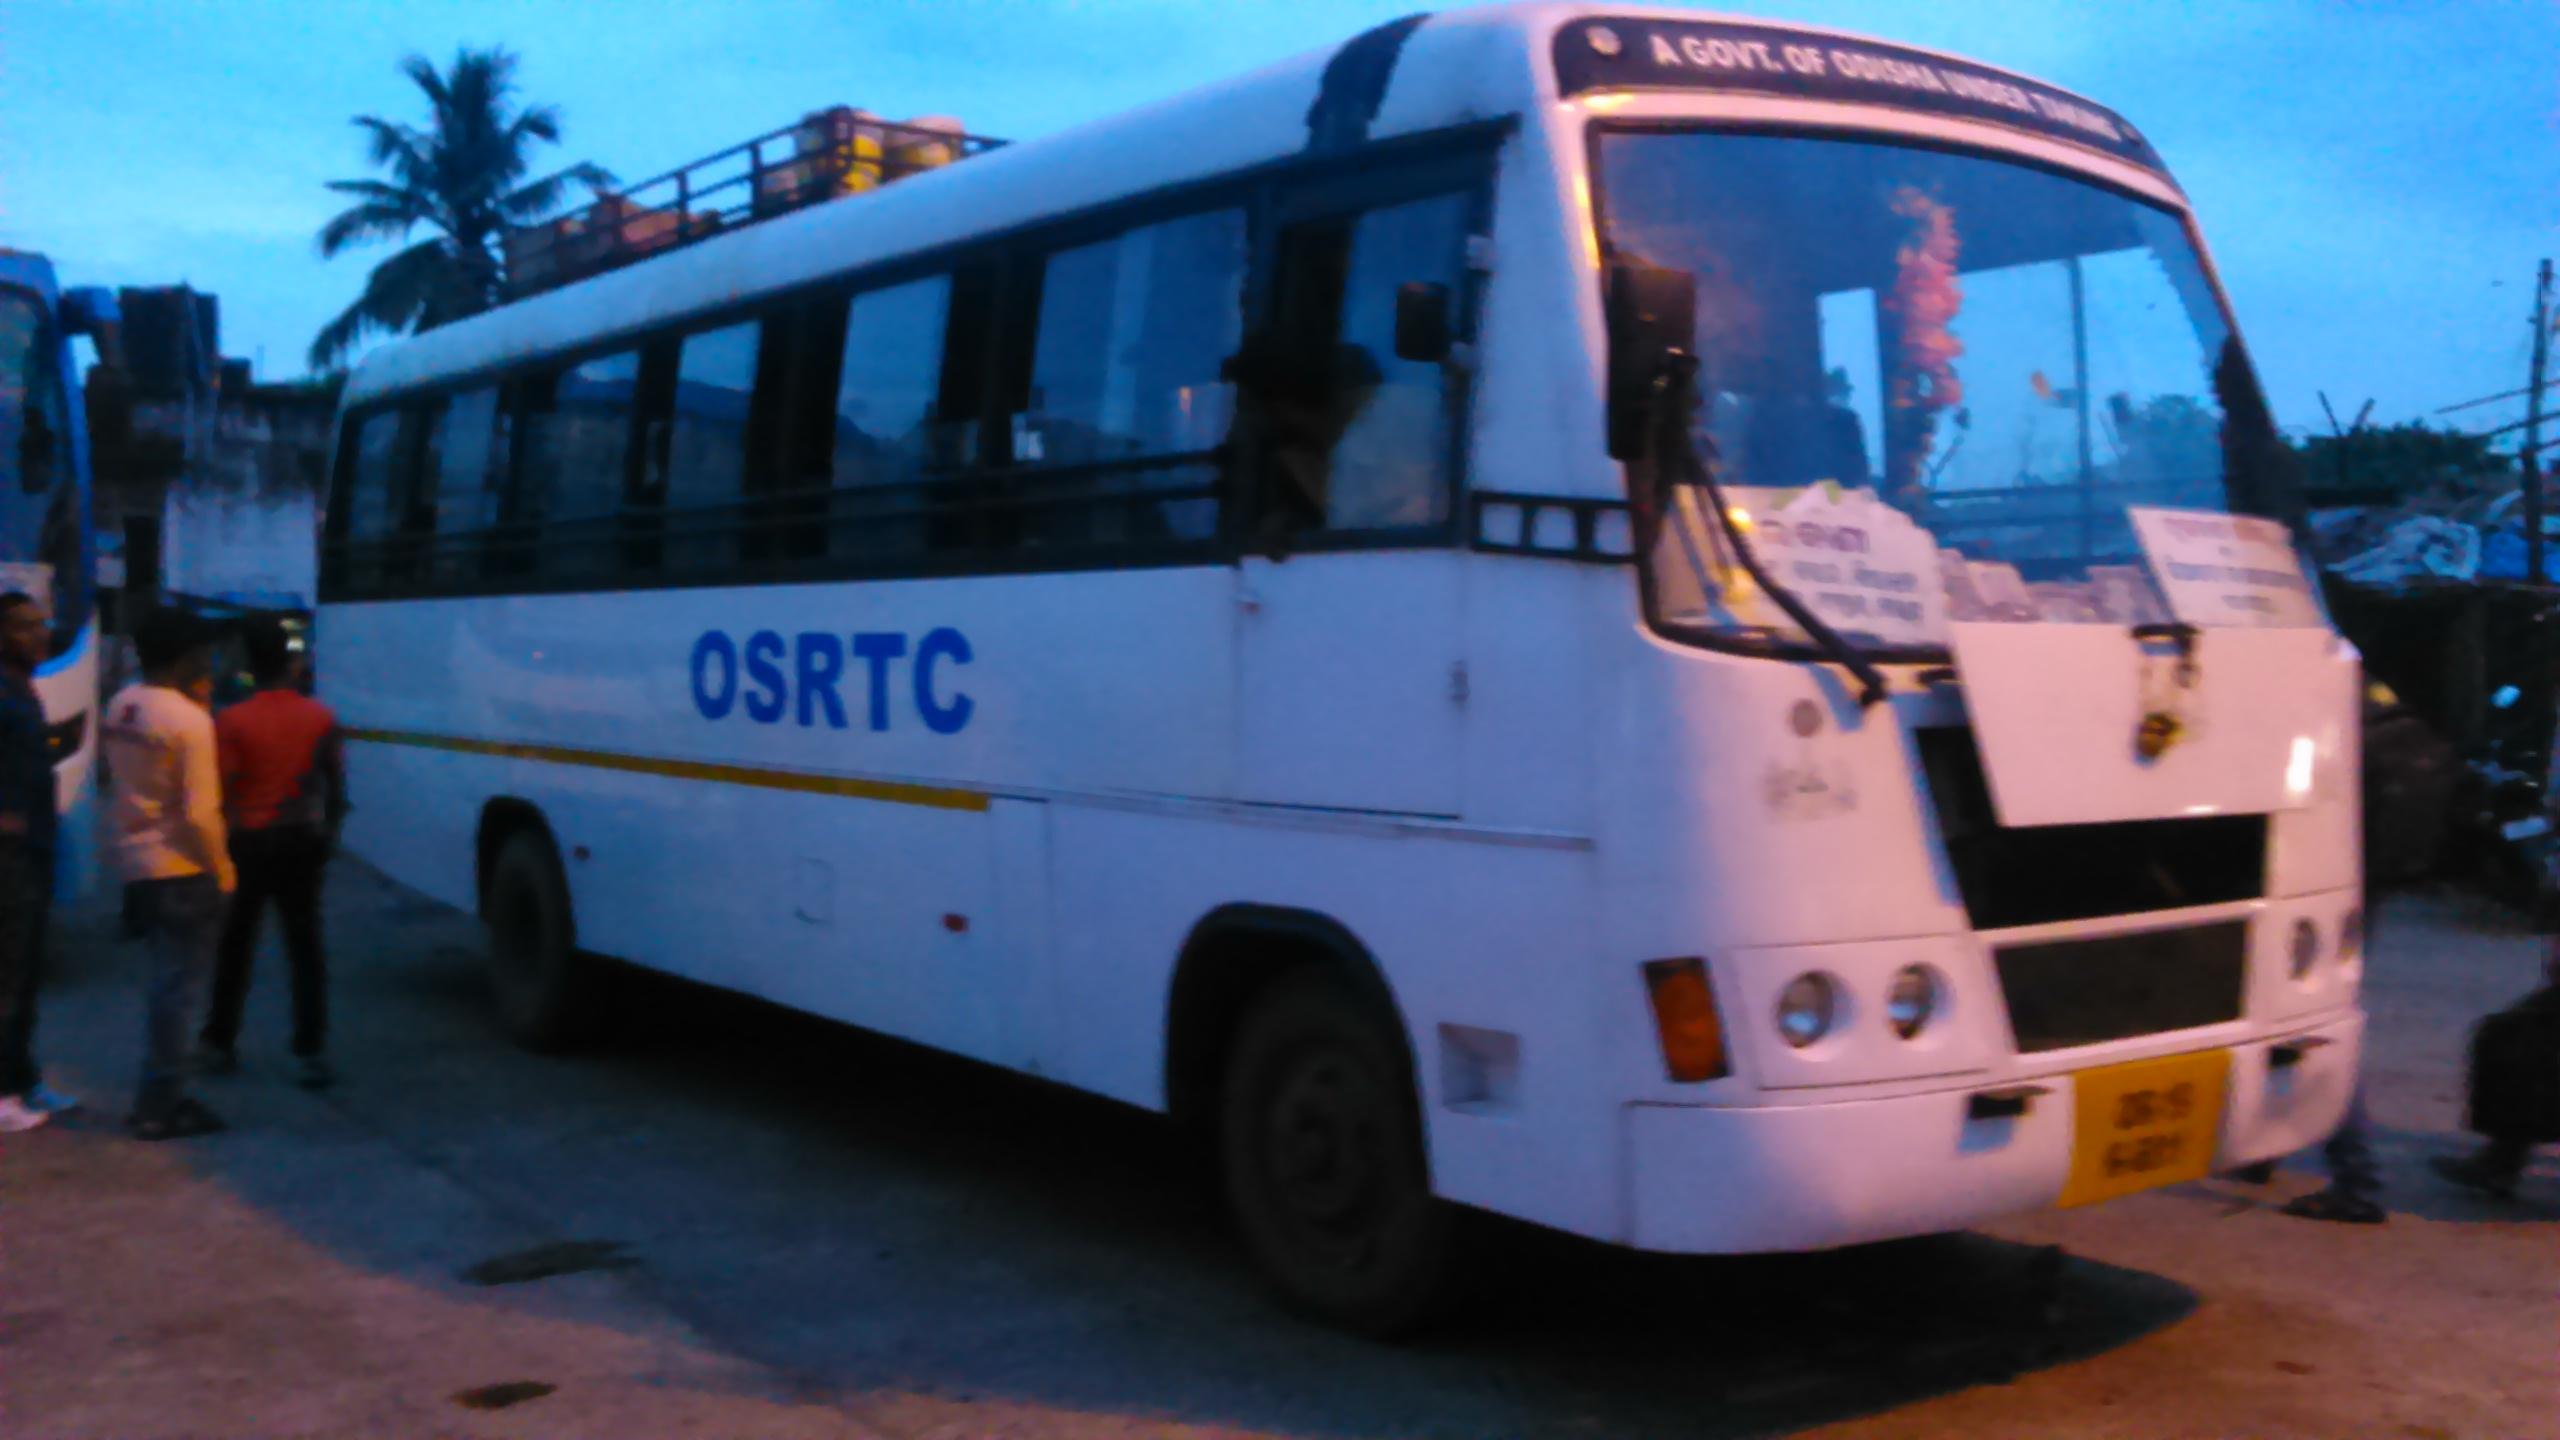 OSRTC buses bhubaneswar buzz